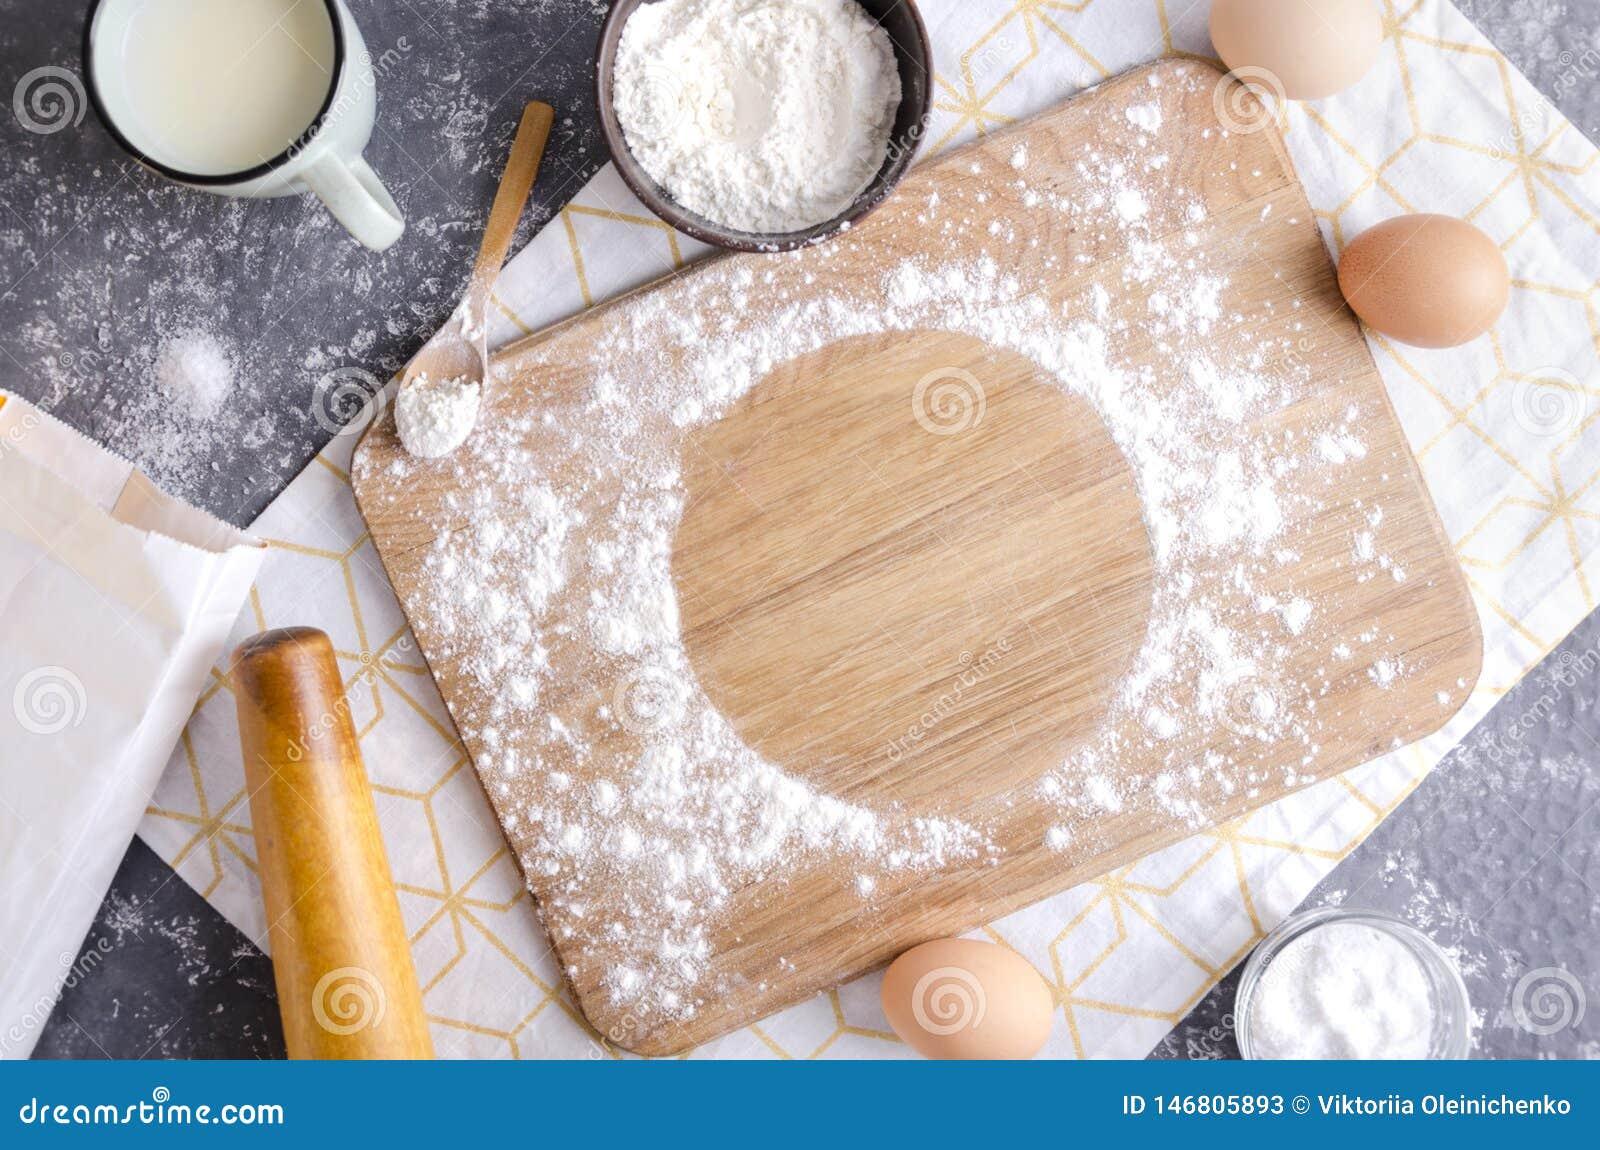 Деревянное припудривание разделочной доски с мукой для теста Пустое круглое пятно для текста на разделочной доске Кухонный стол и